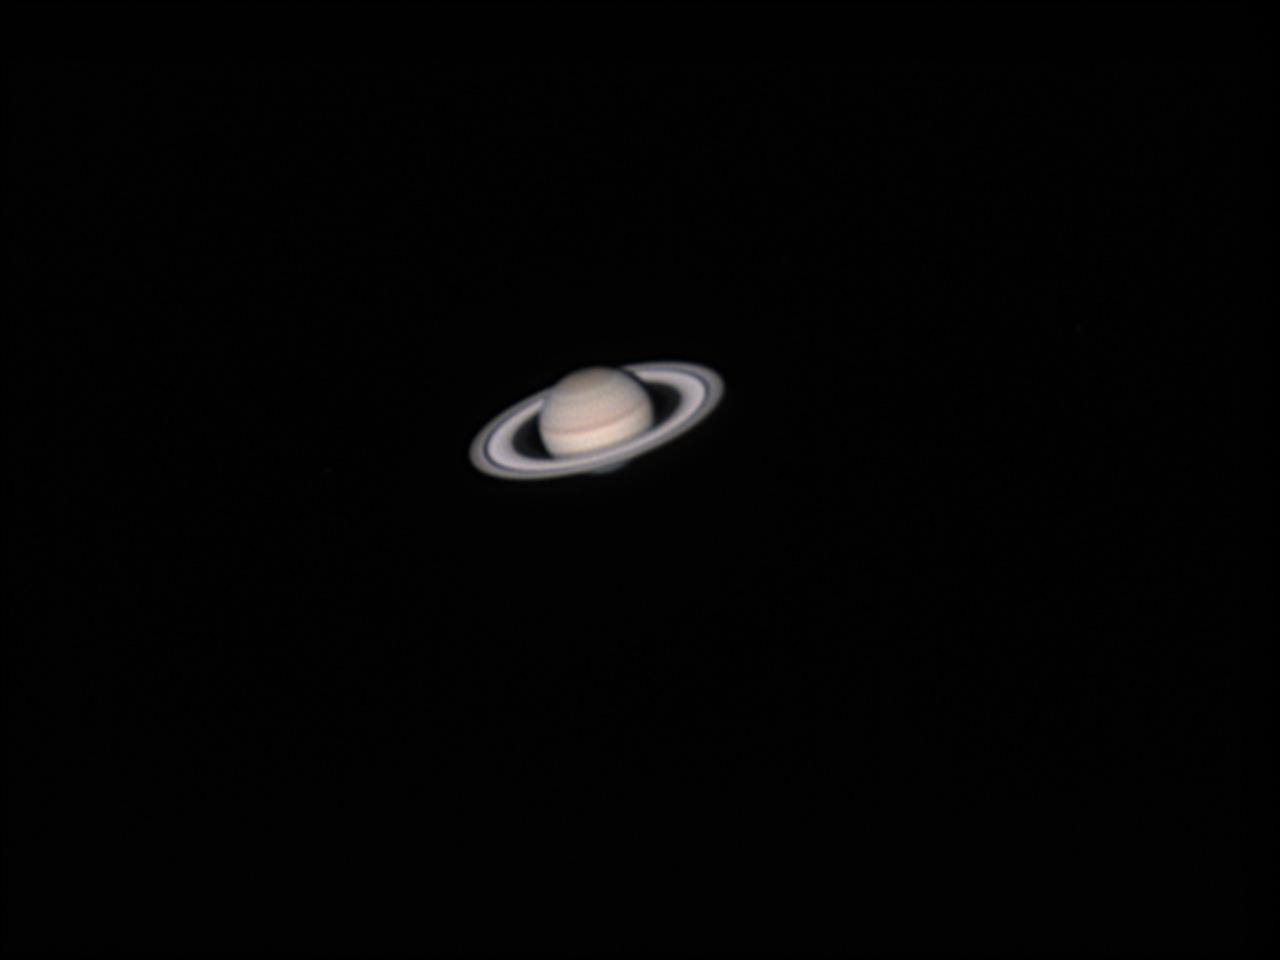 Saturne 25 mai 2020 3h08 TU